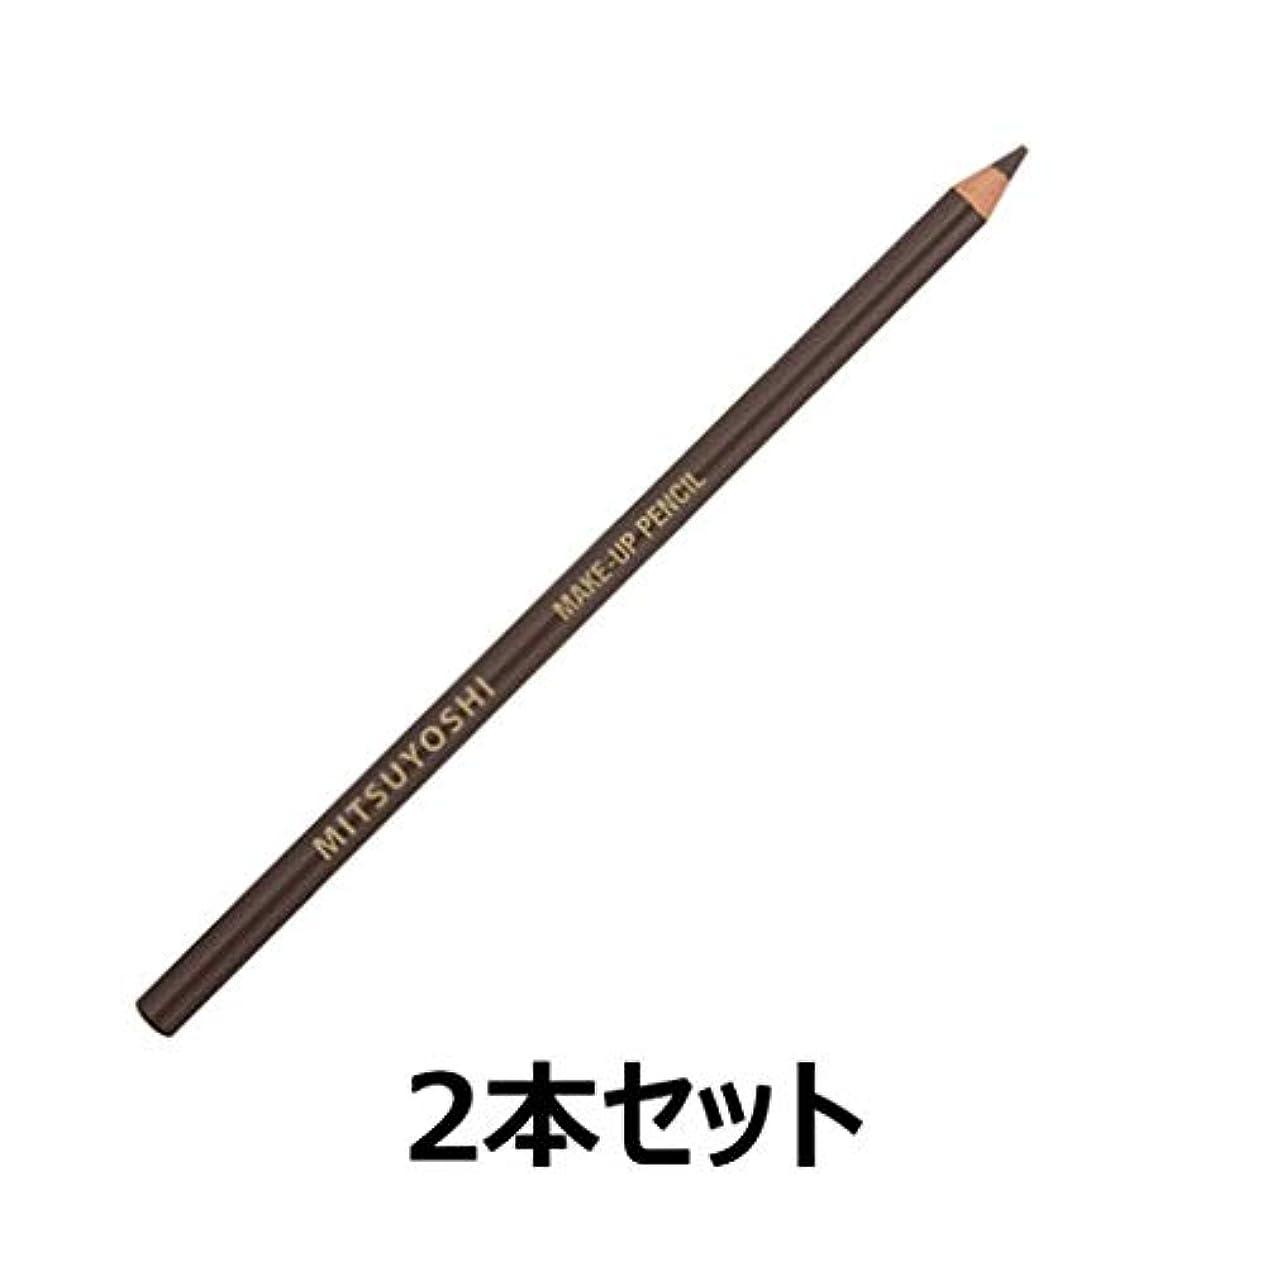 青葉っぱグレートバリアリーフ三善 メークアップペンシル 2本セット (ブラウンD)